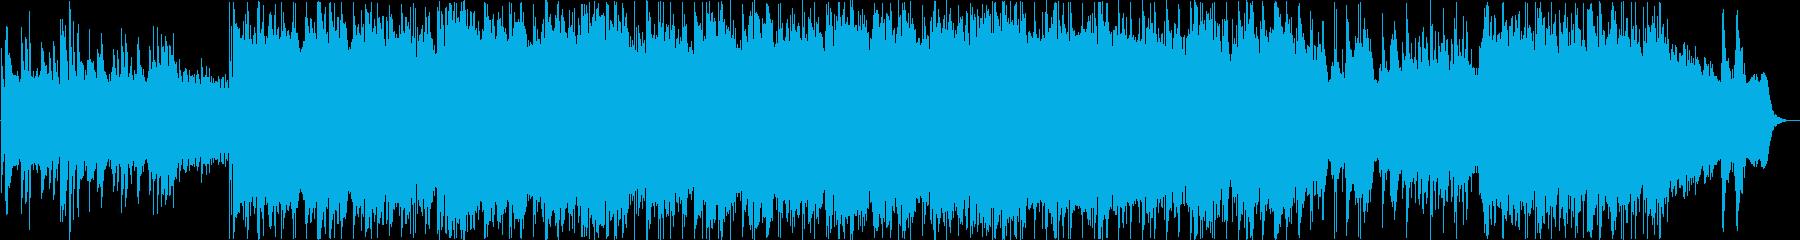 ショパン/ノクターンのギターアレンジ版の再生済みの波形